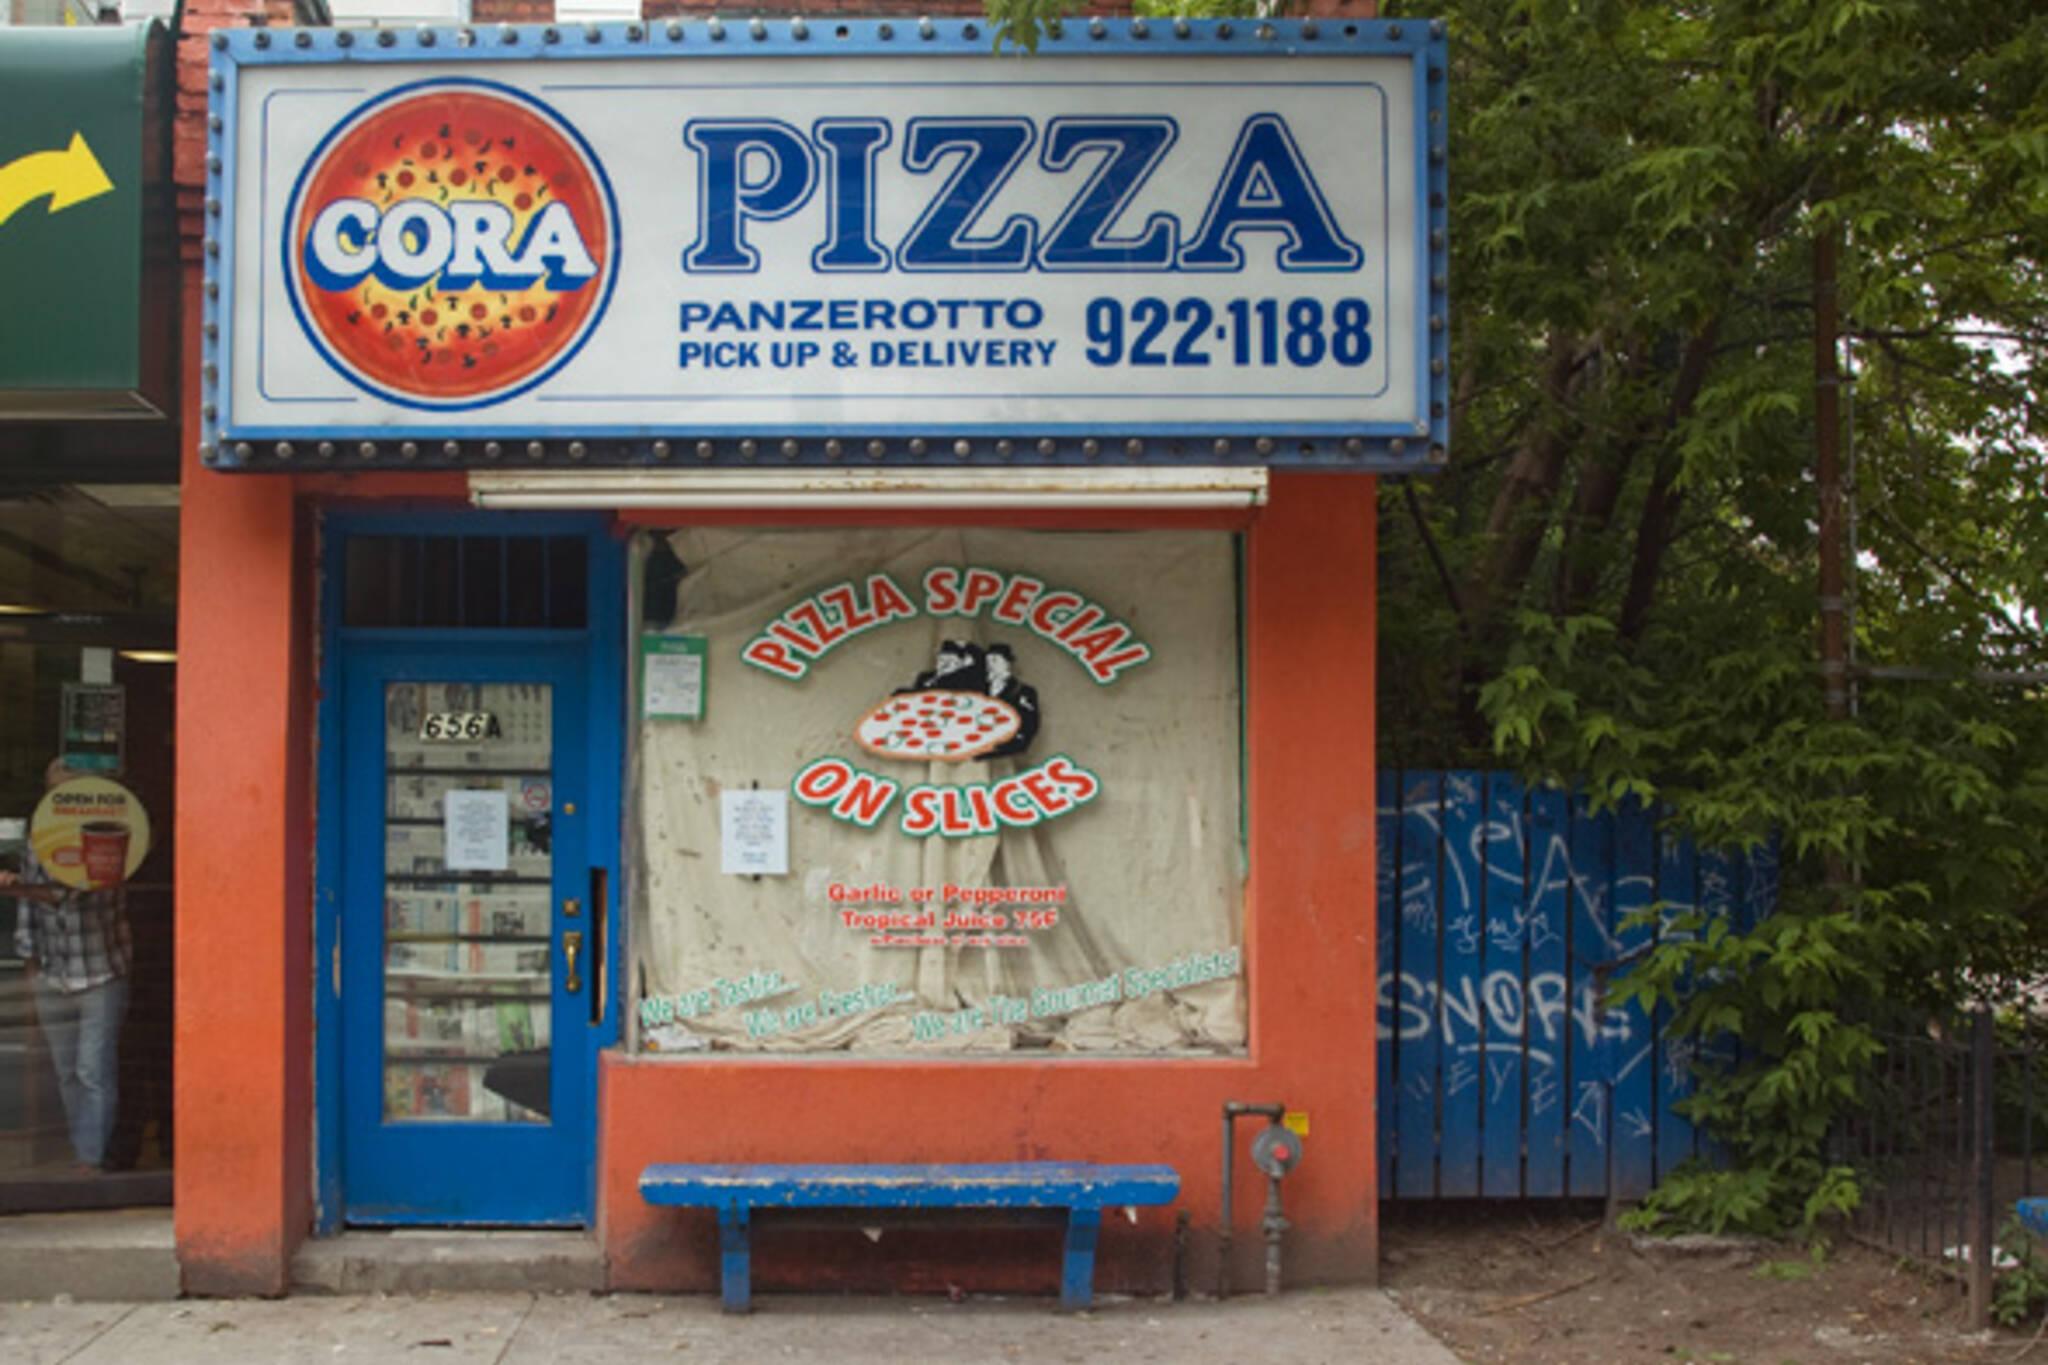 Cora Pizza closed